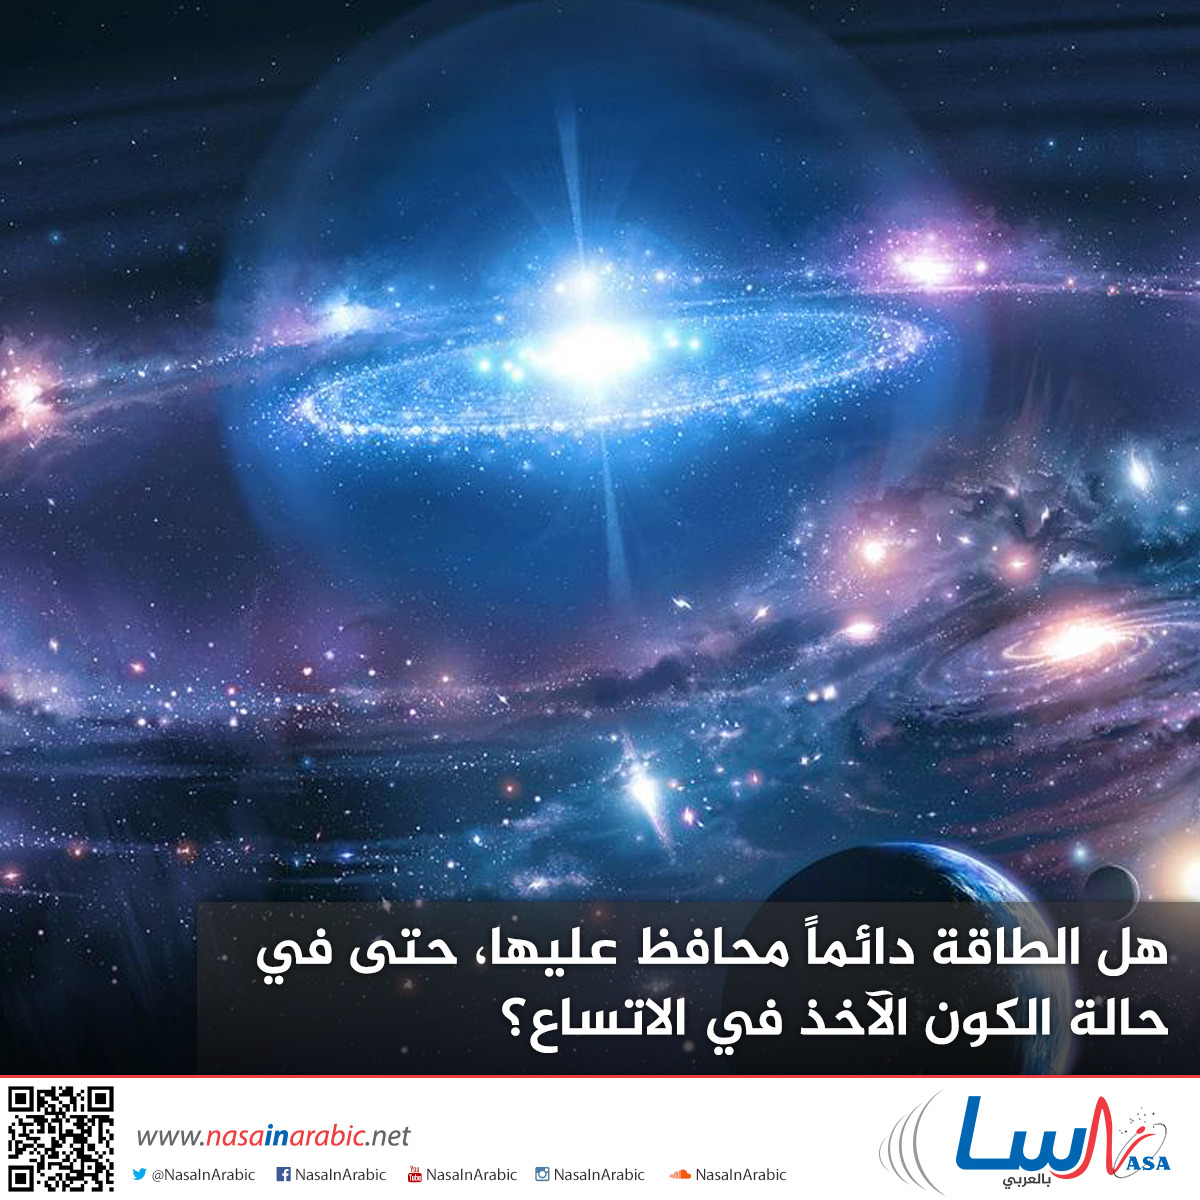 هل الطاقة دائماً محافظ عليها، حتى في حالة الكون الآخذ في الاتساع؟